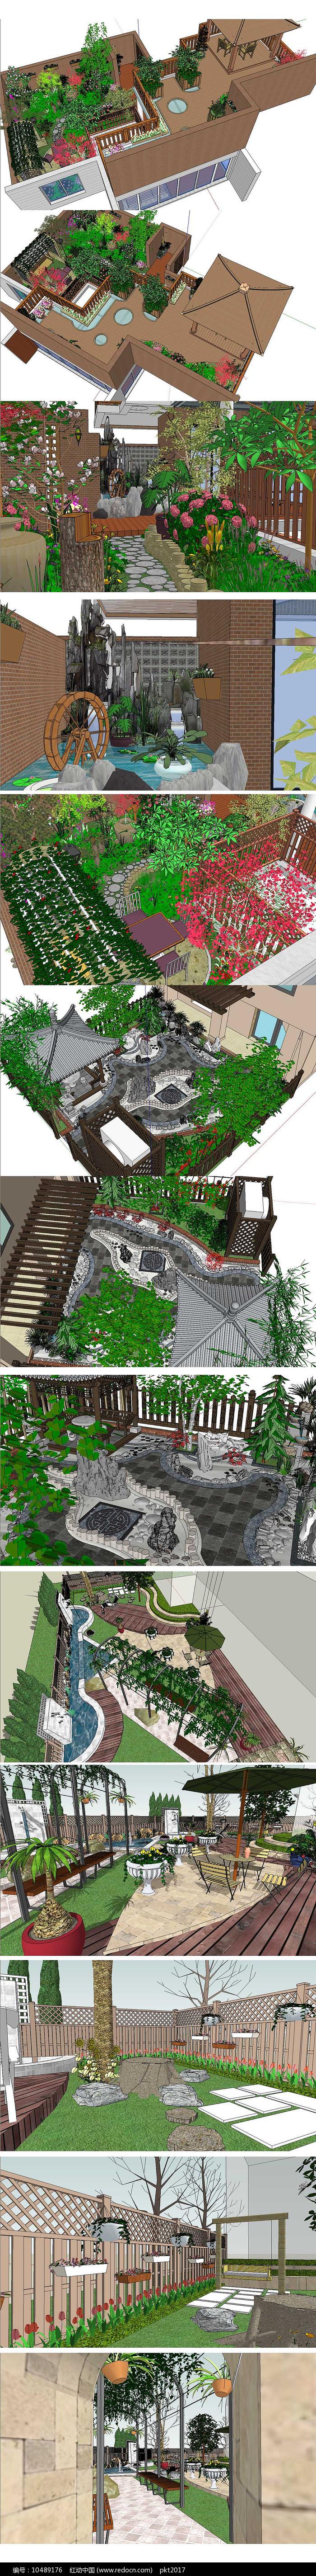 住宅庭院景观设计